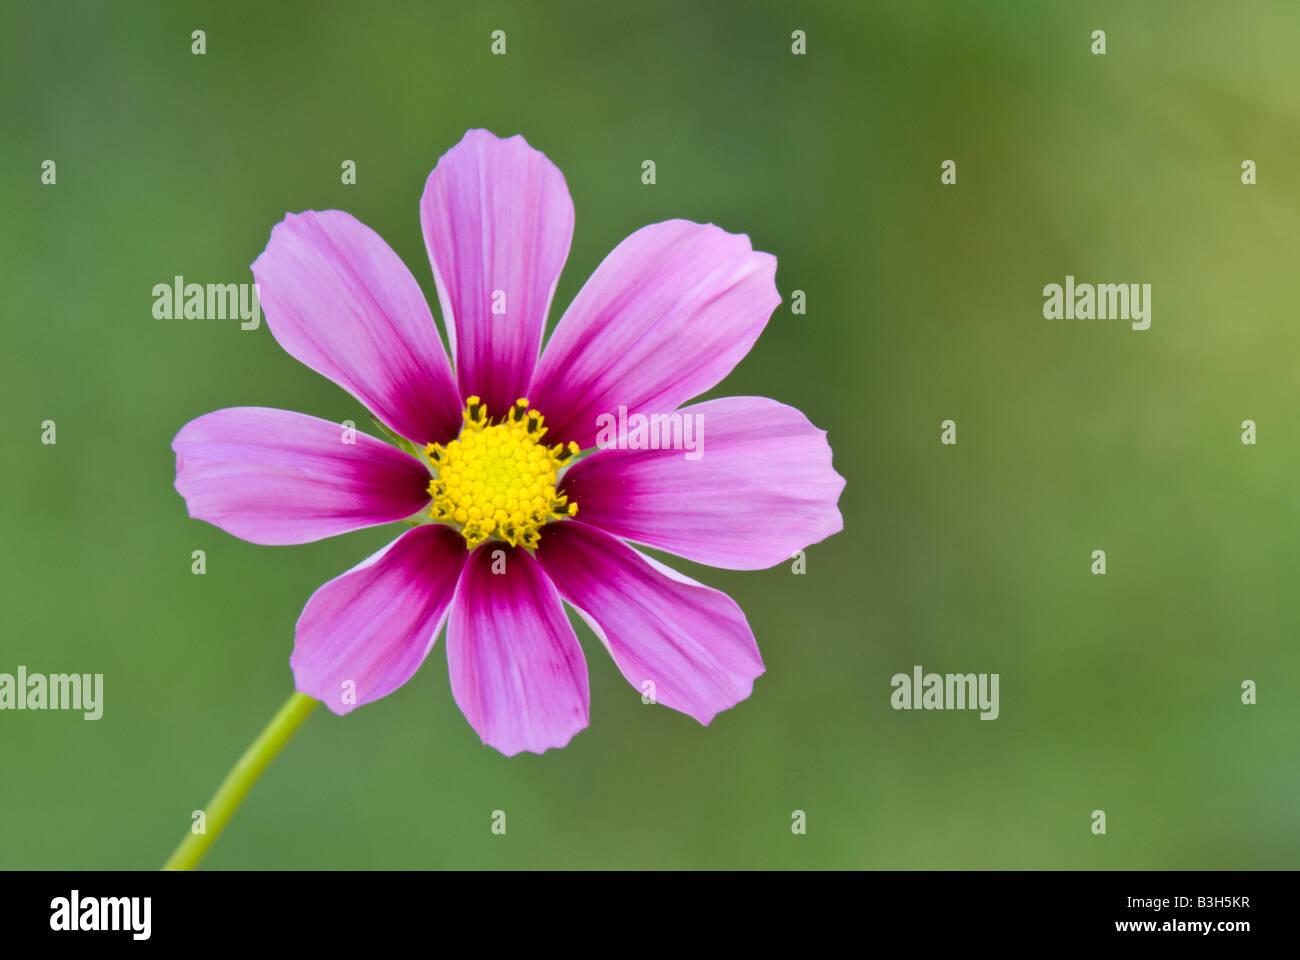 Cosmos flower Cosmos bipinnatus - Stock Image